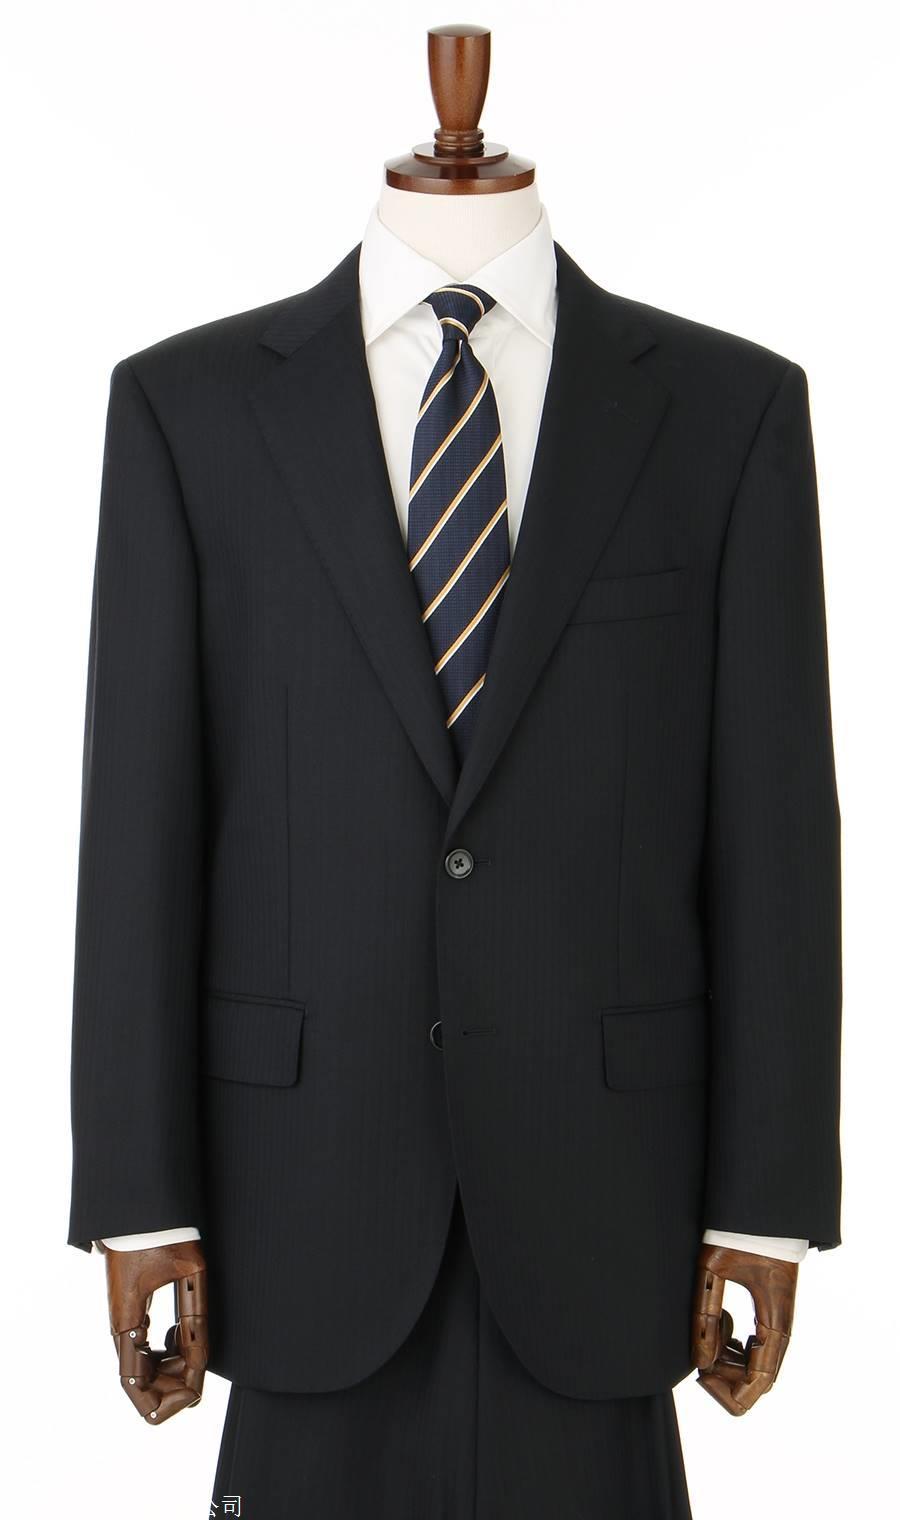 白云区西装定制,人和行政西装定做,职业西装订做厂家,款式多样